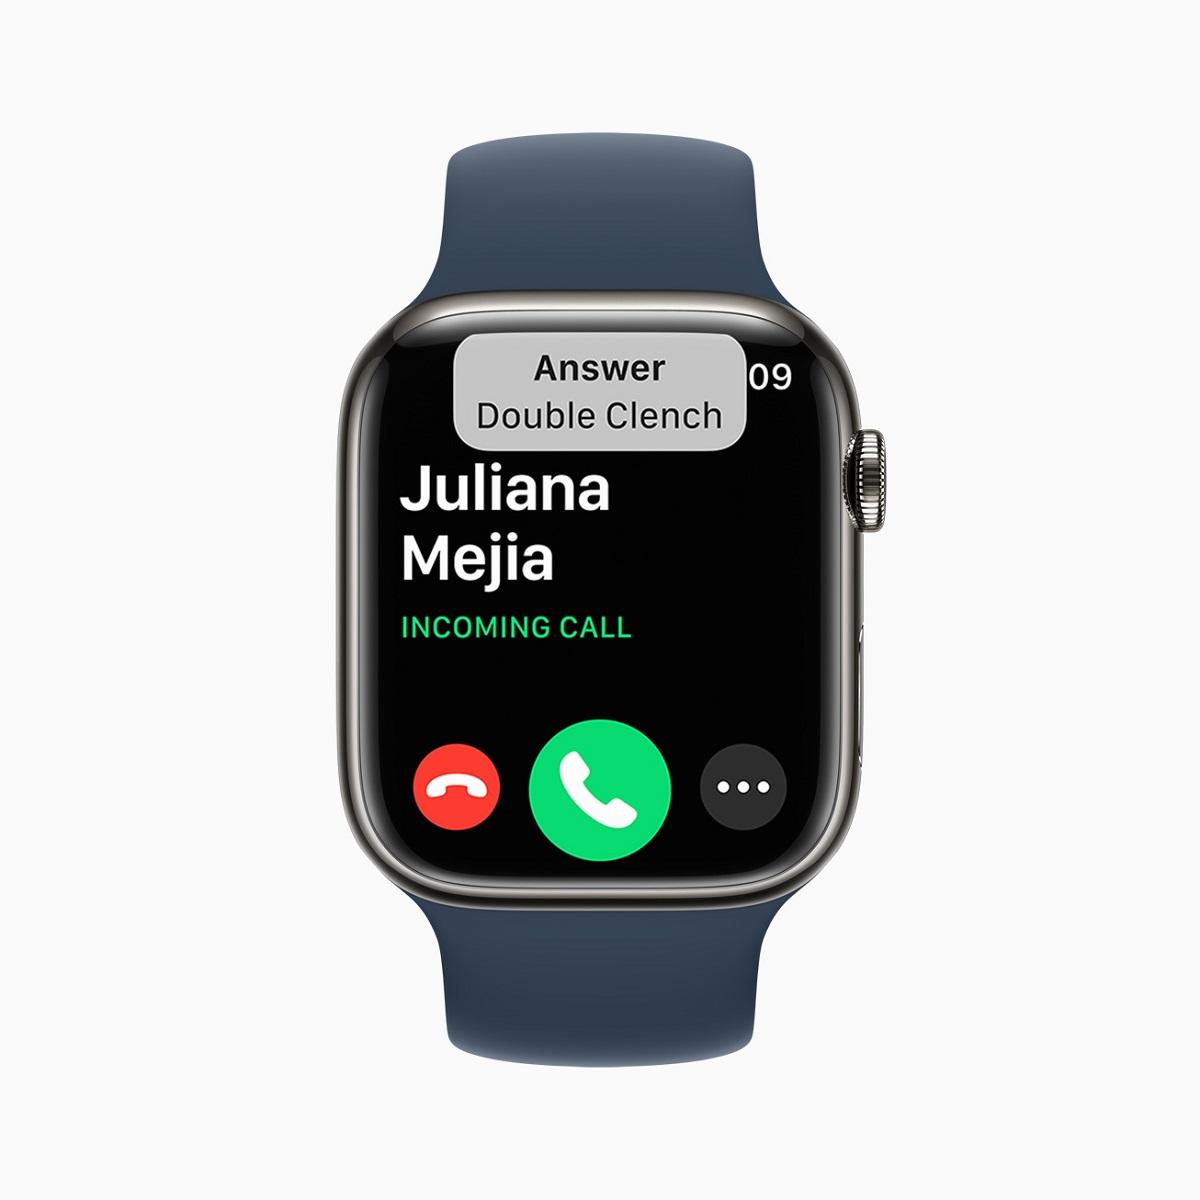 Чтобы поддержать пользователей Apple Watch с разницей в верхней части тела, AssistiveTouch позволяет использовать Apple Watch одной рукой, распознавая простые жесты рук для взаимодействия, не касаясь дисплея.